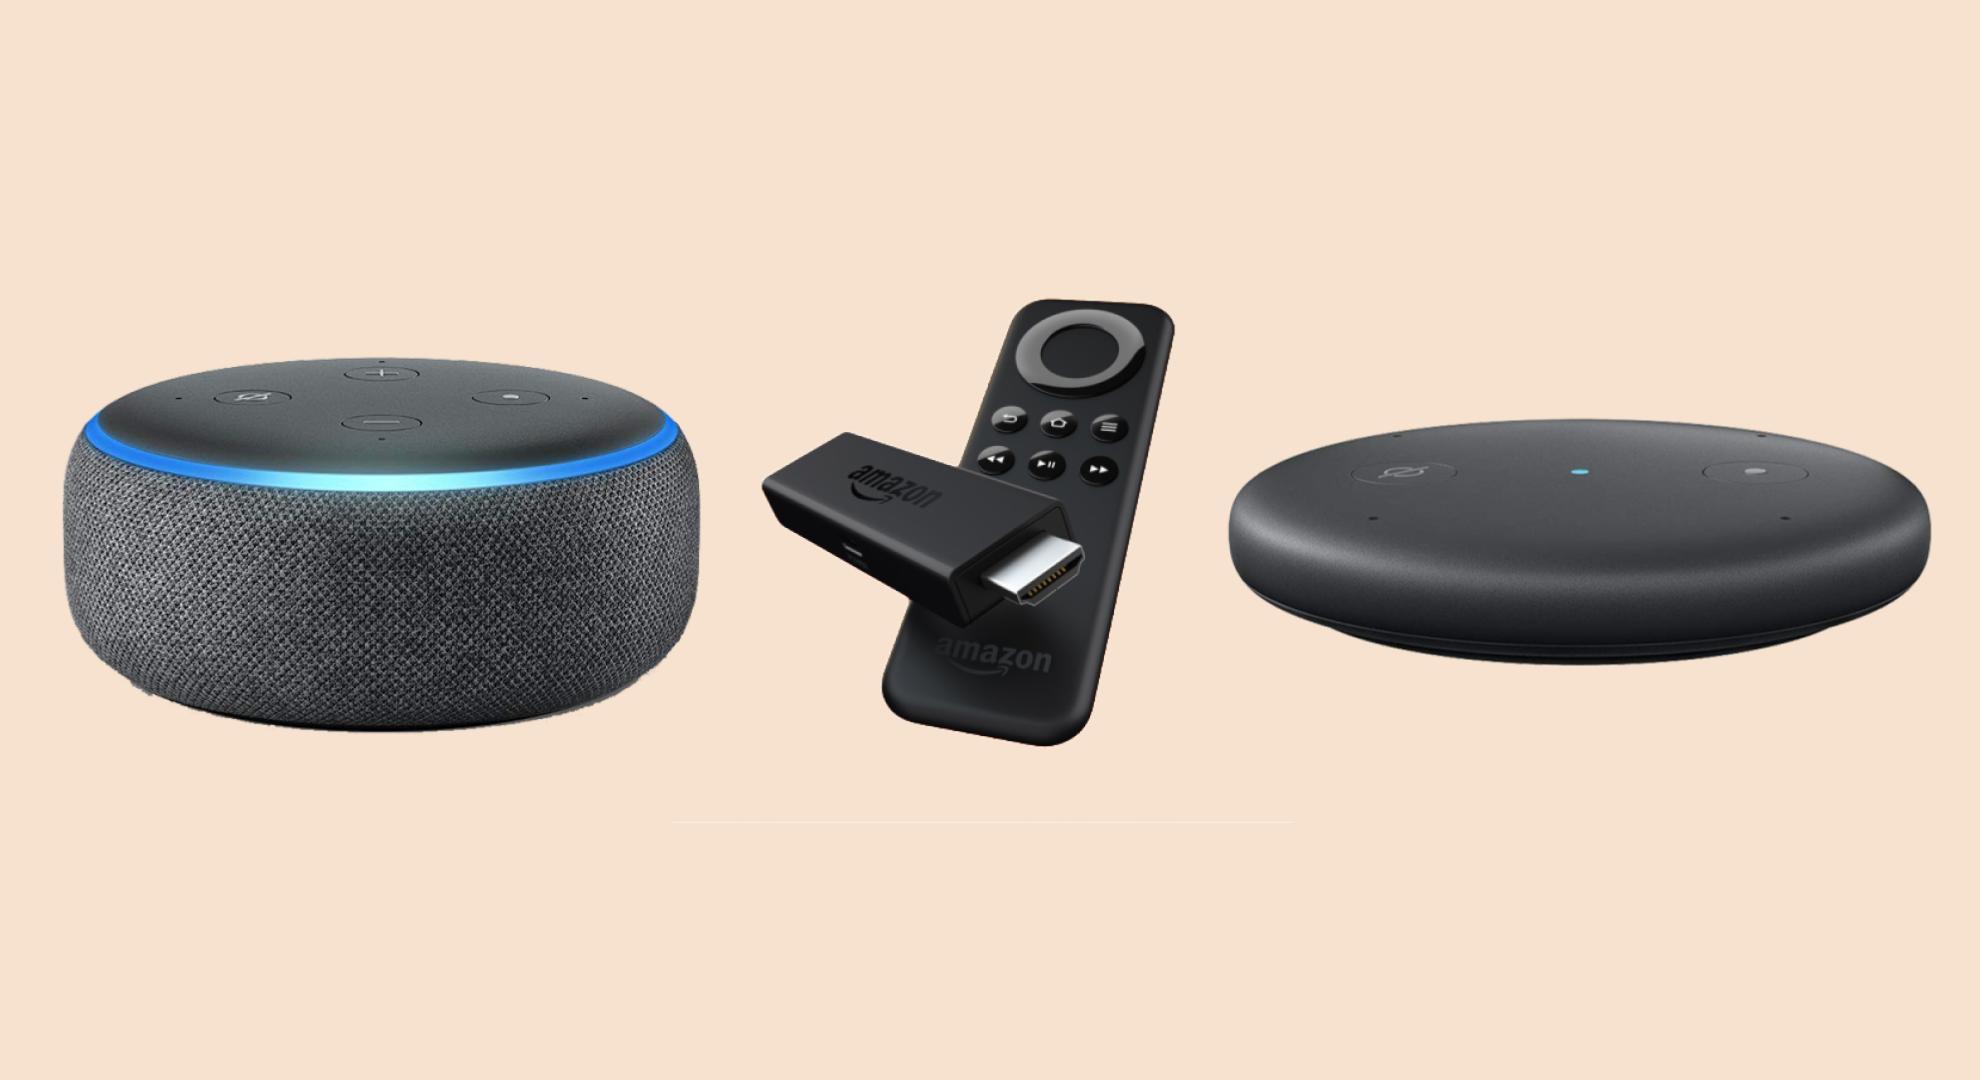 🔥 Bon plan : les produits Amazon sont disponibles à partir de 24 euros (Input, Dot, Fire TV Stick)